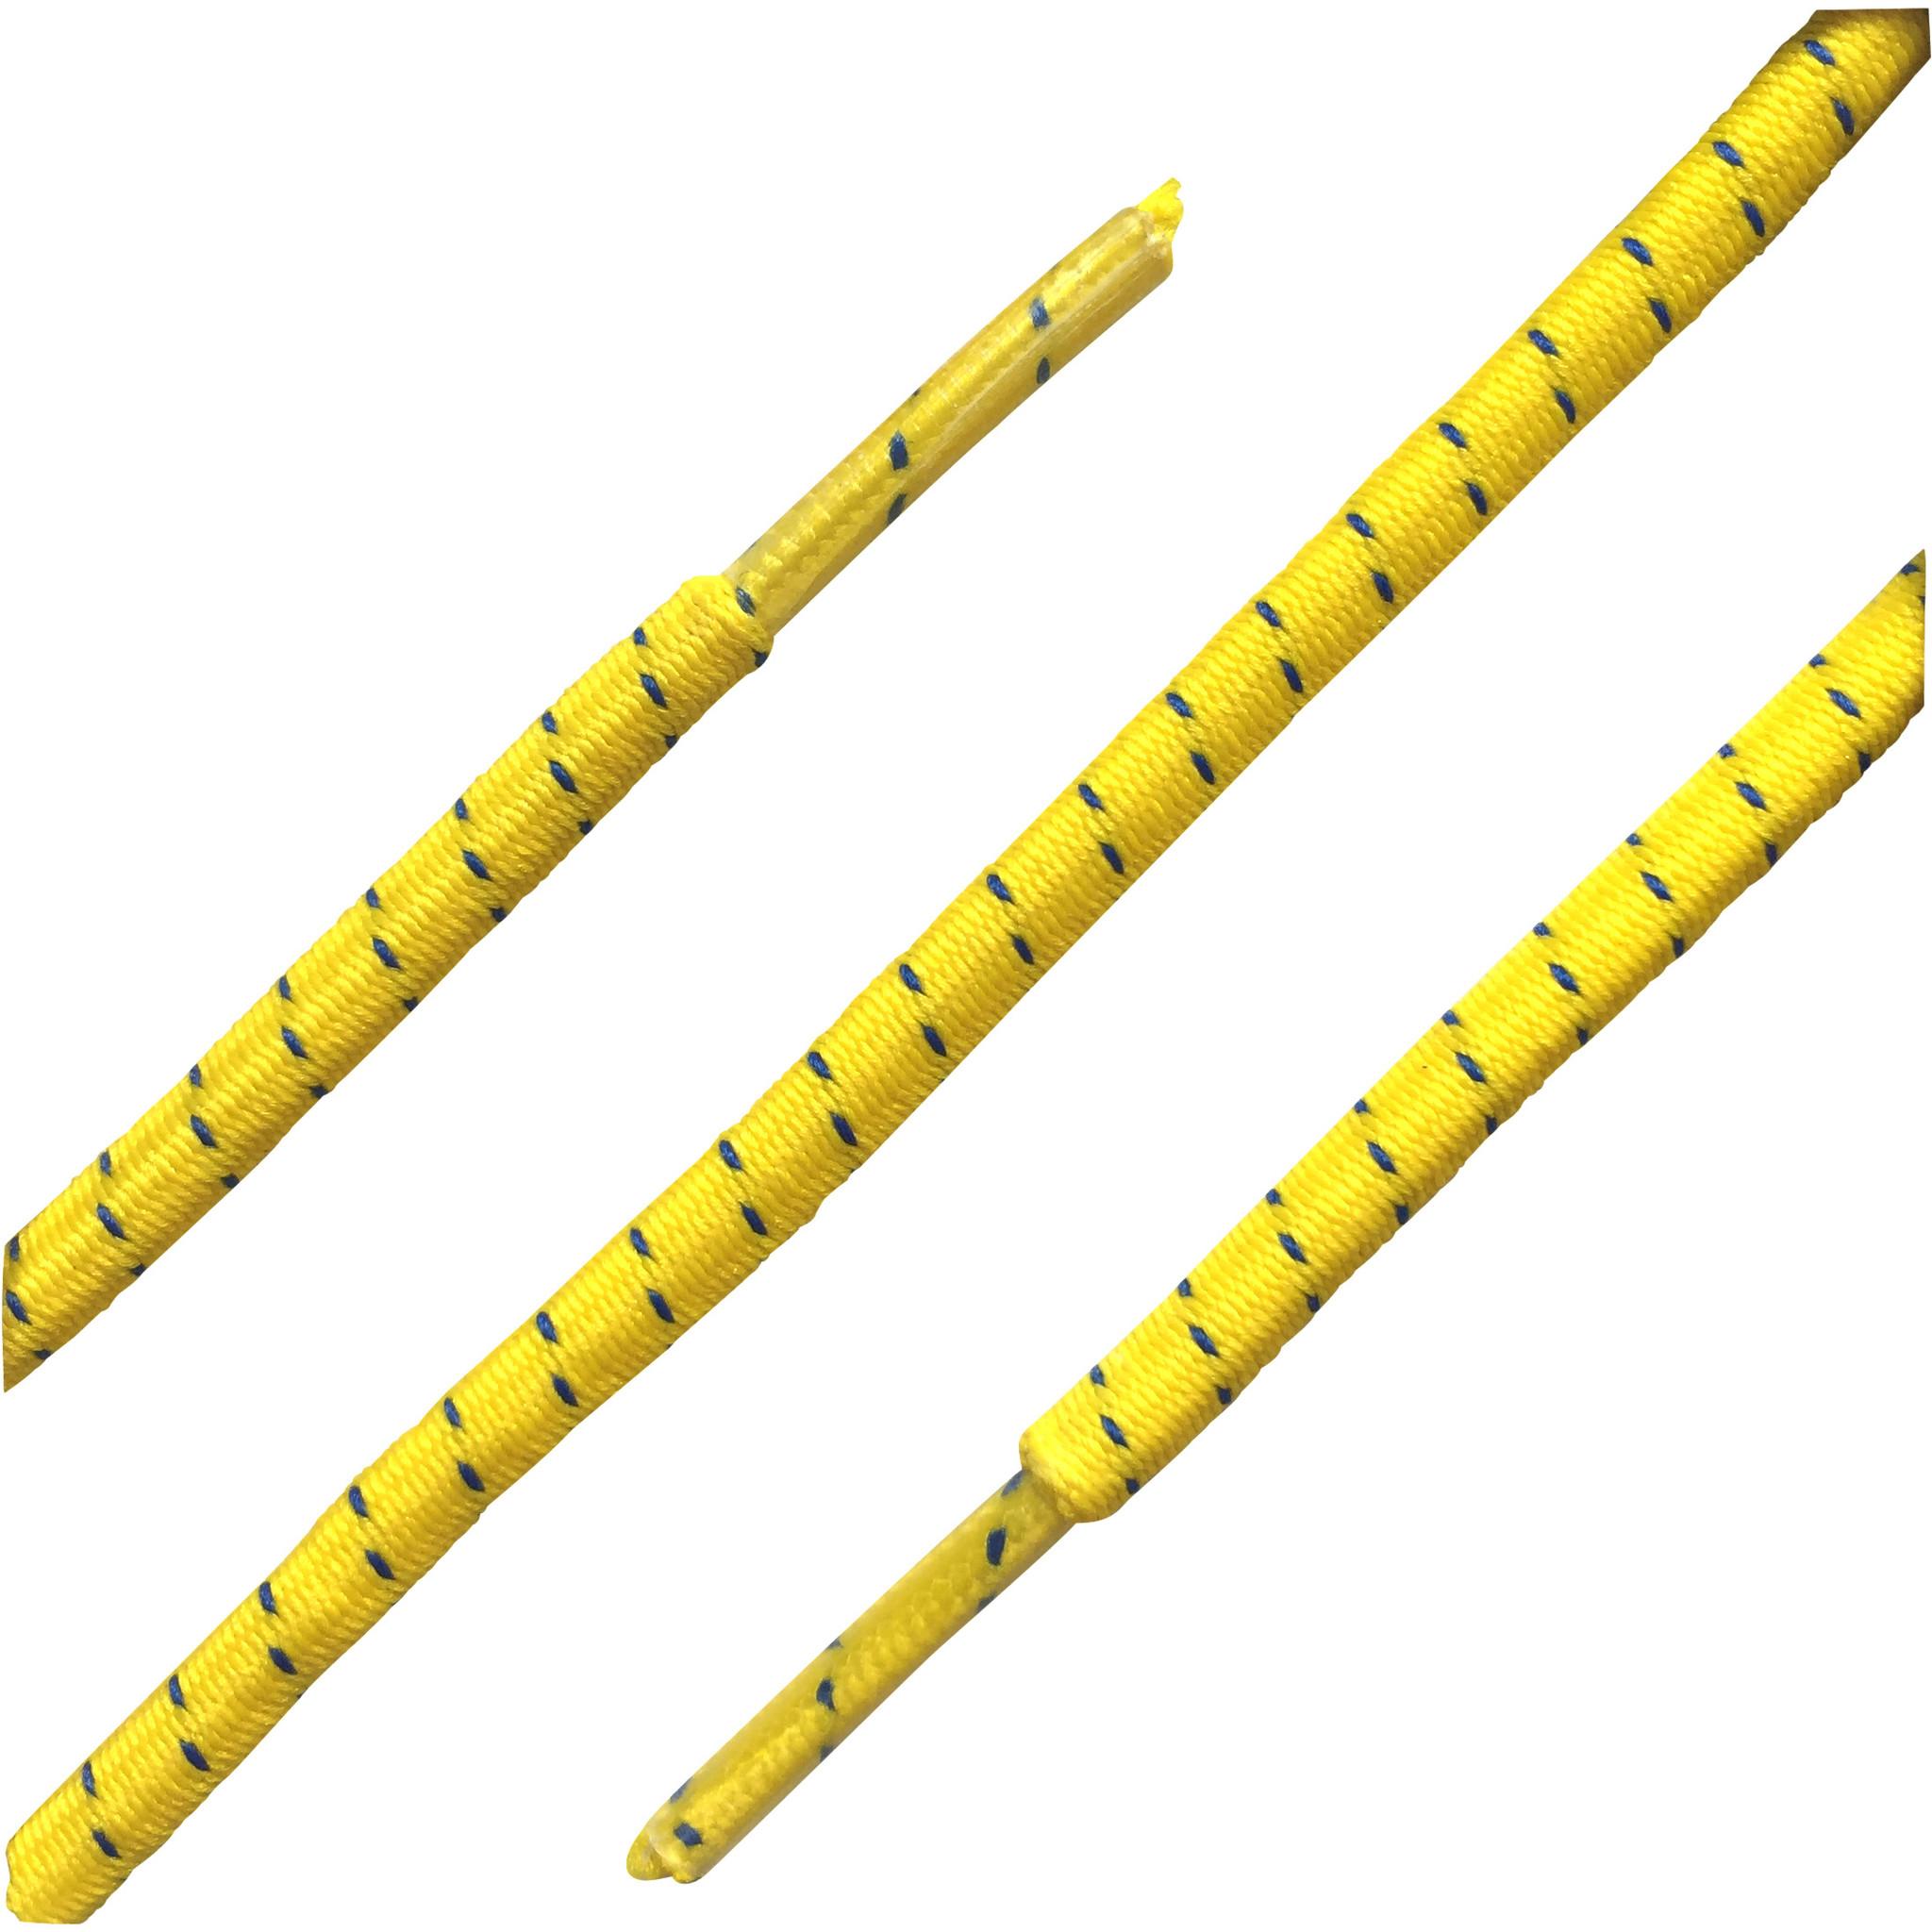 Barth Veters Barth elastische veters - 75 cm - 629